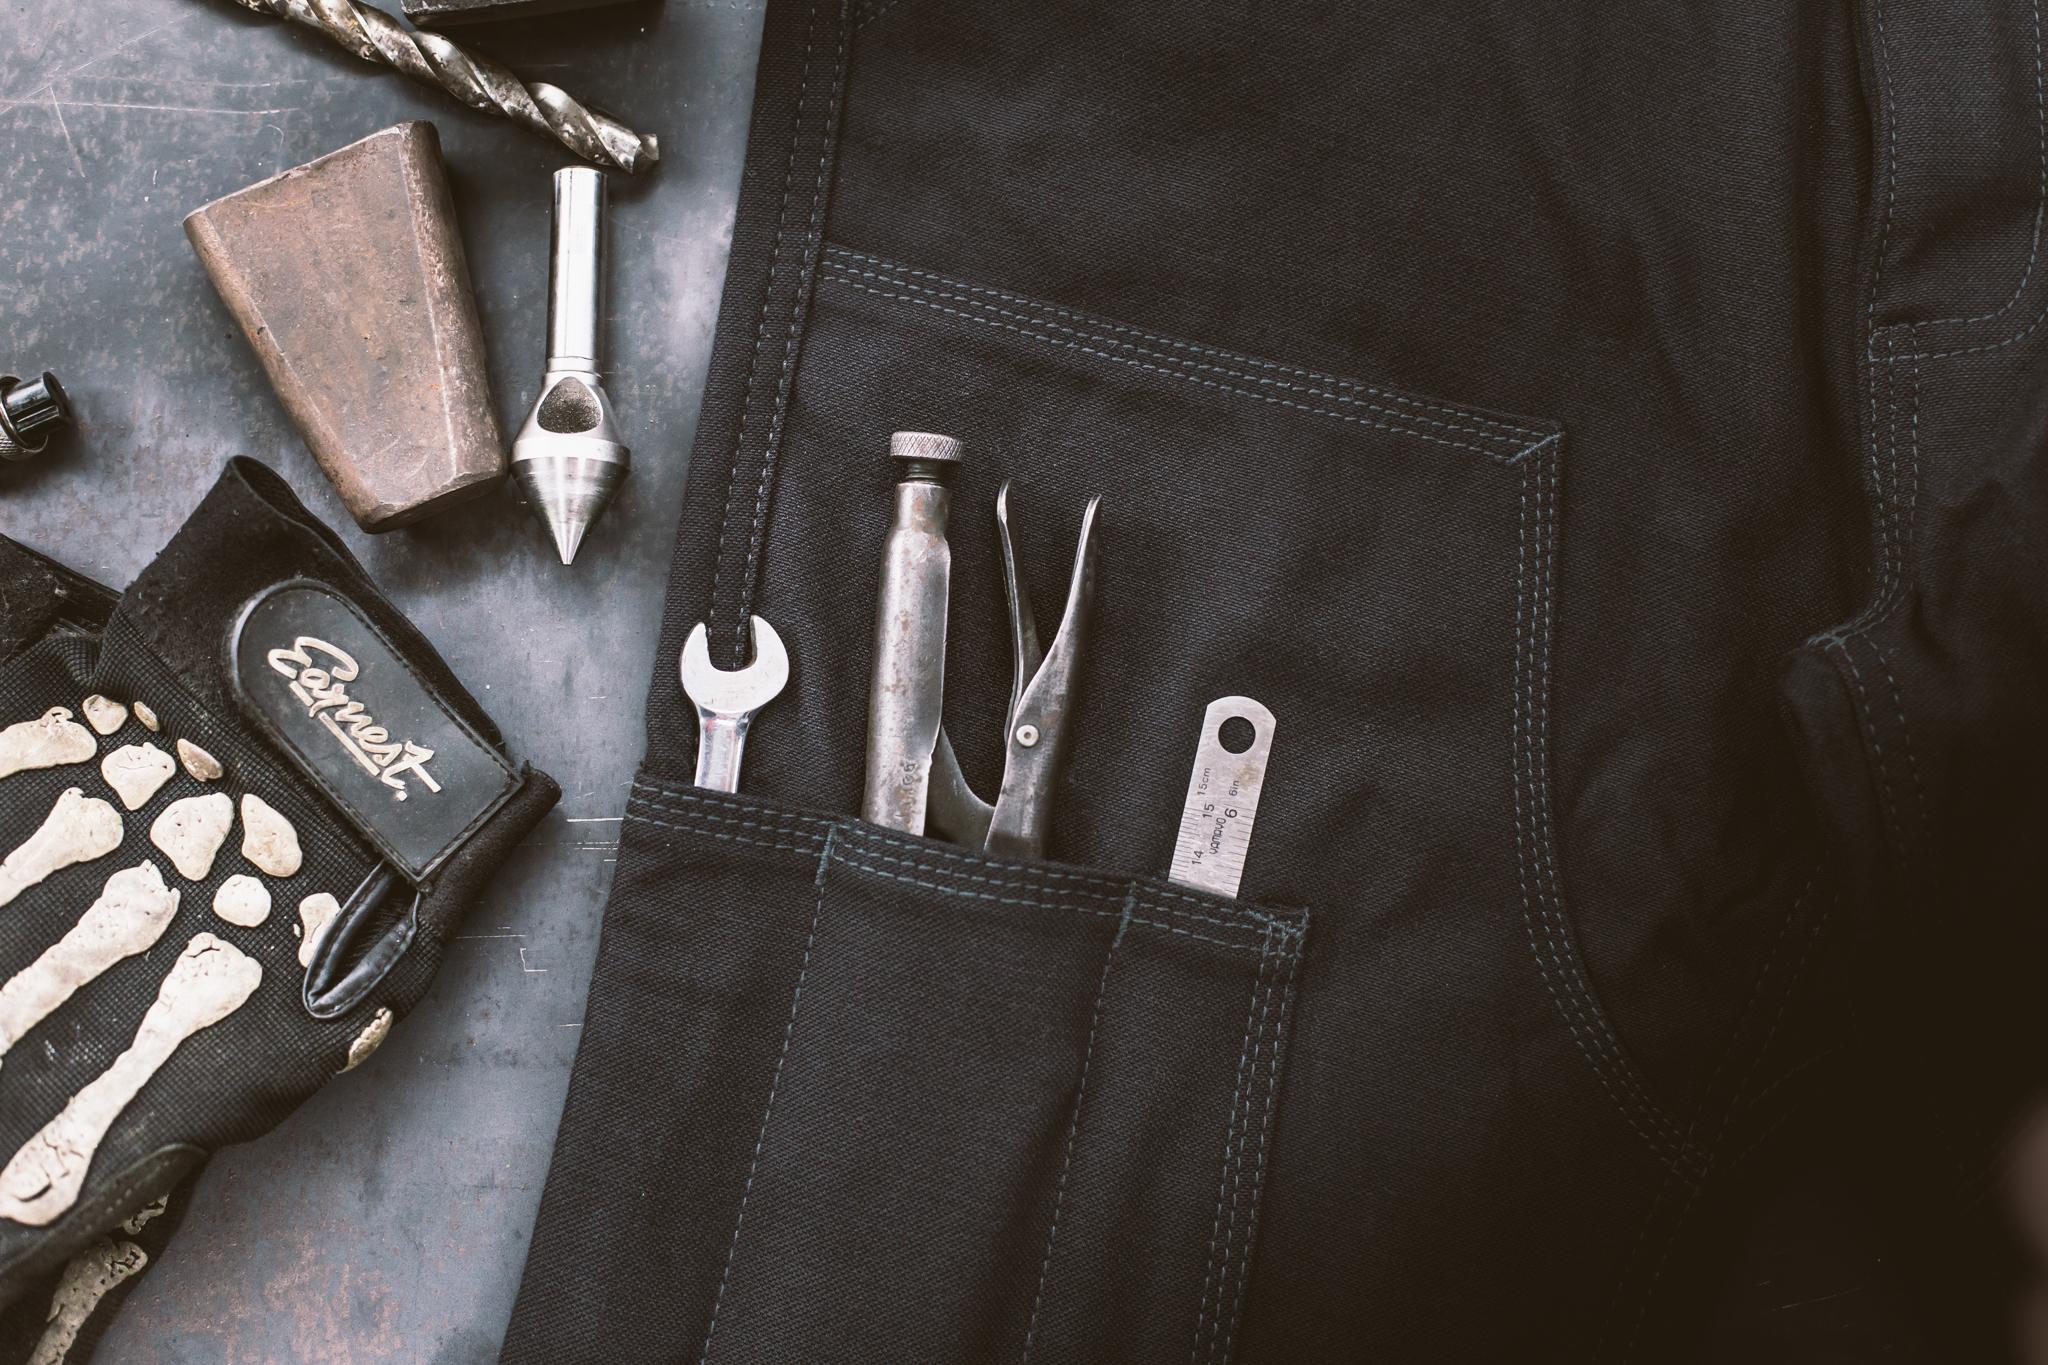 Earnest Co. Tasker Moto Pants detail